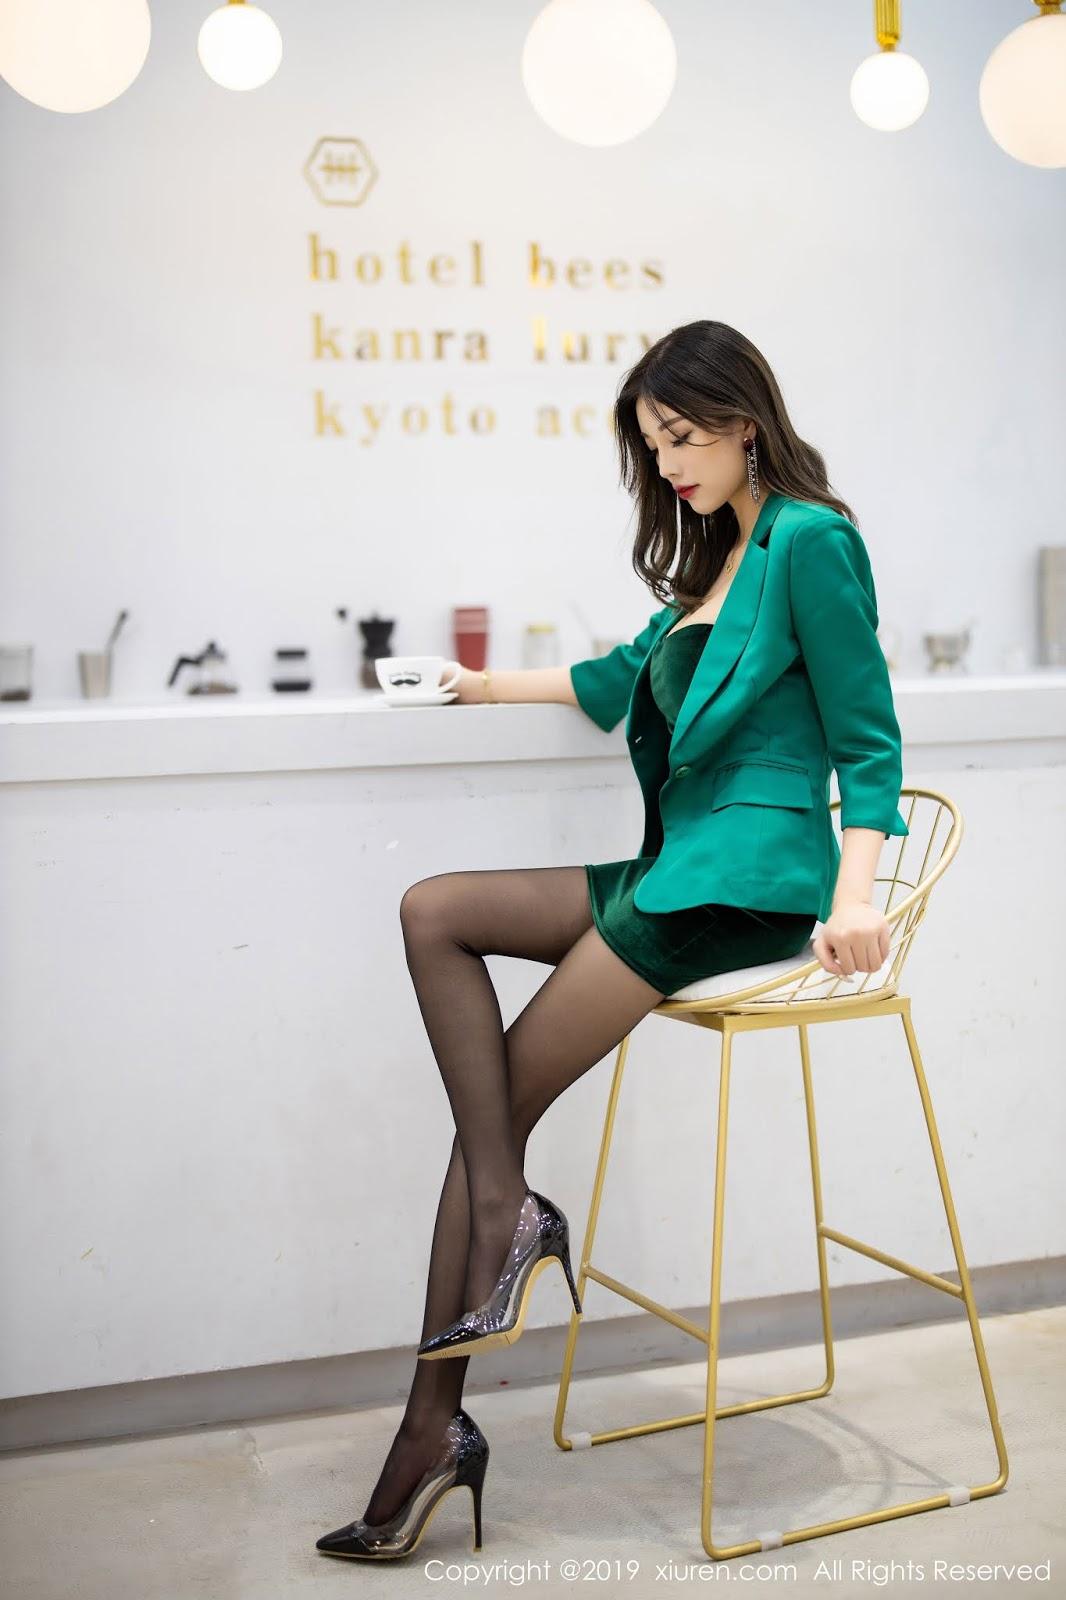 No.196 Model 杨晨晨sugar     Mr Anh